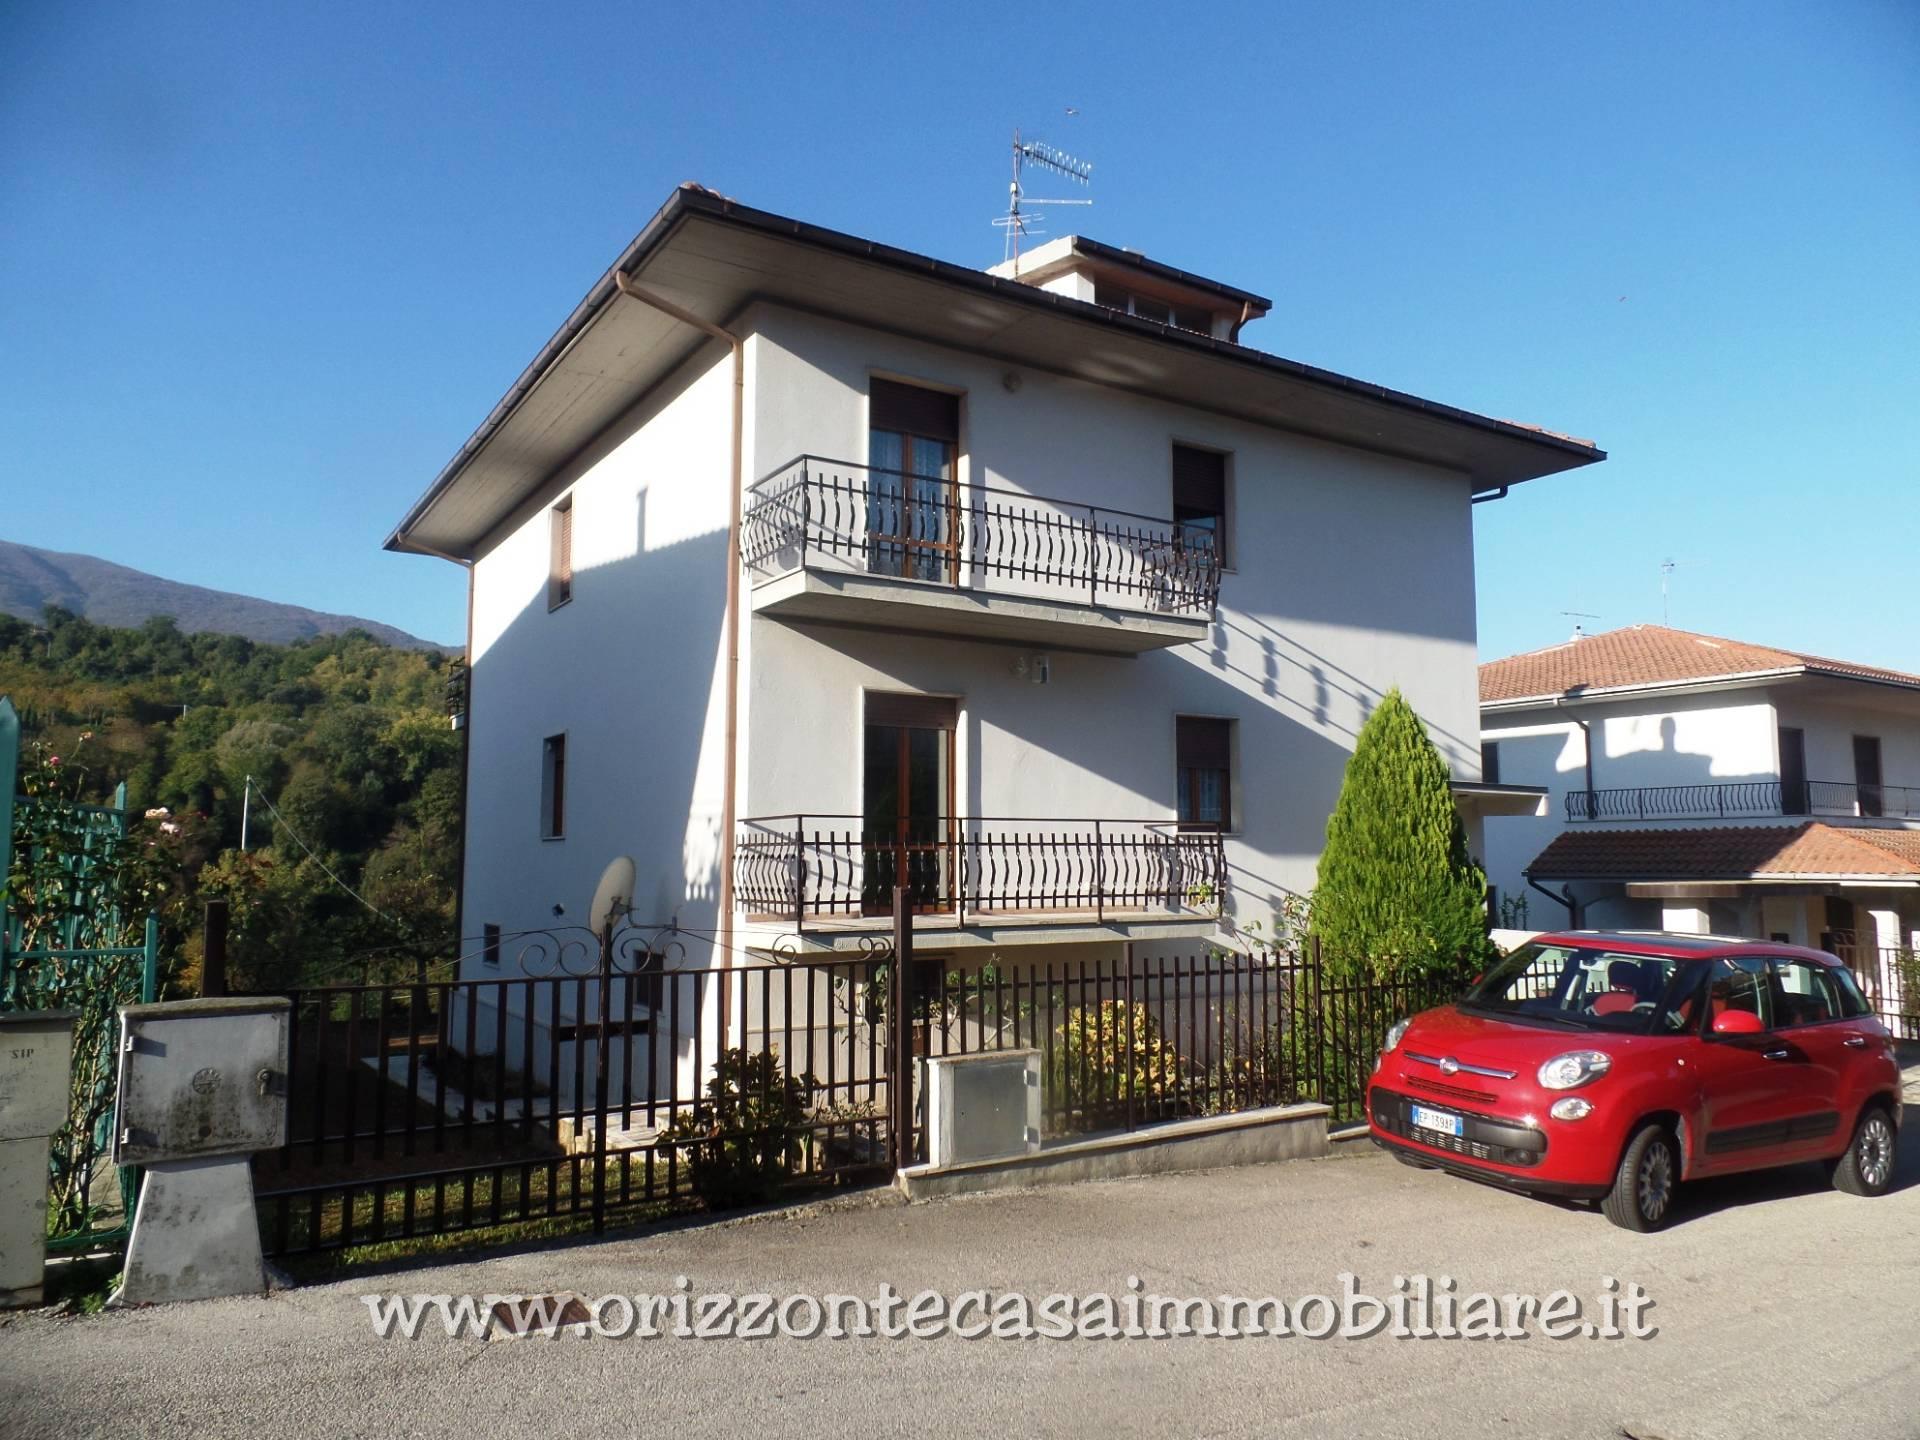 Soluzione Indipendente in vendita a Folignano, 30 locali, prezzo € 290.000 | CambioCasa.it